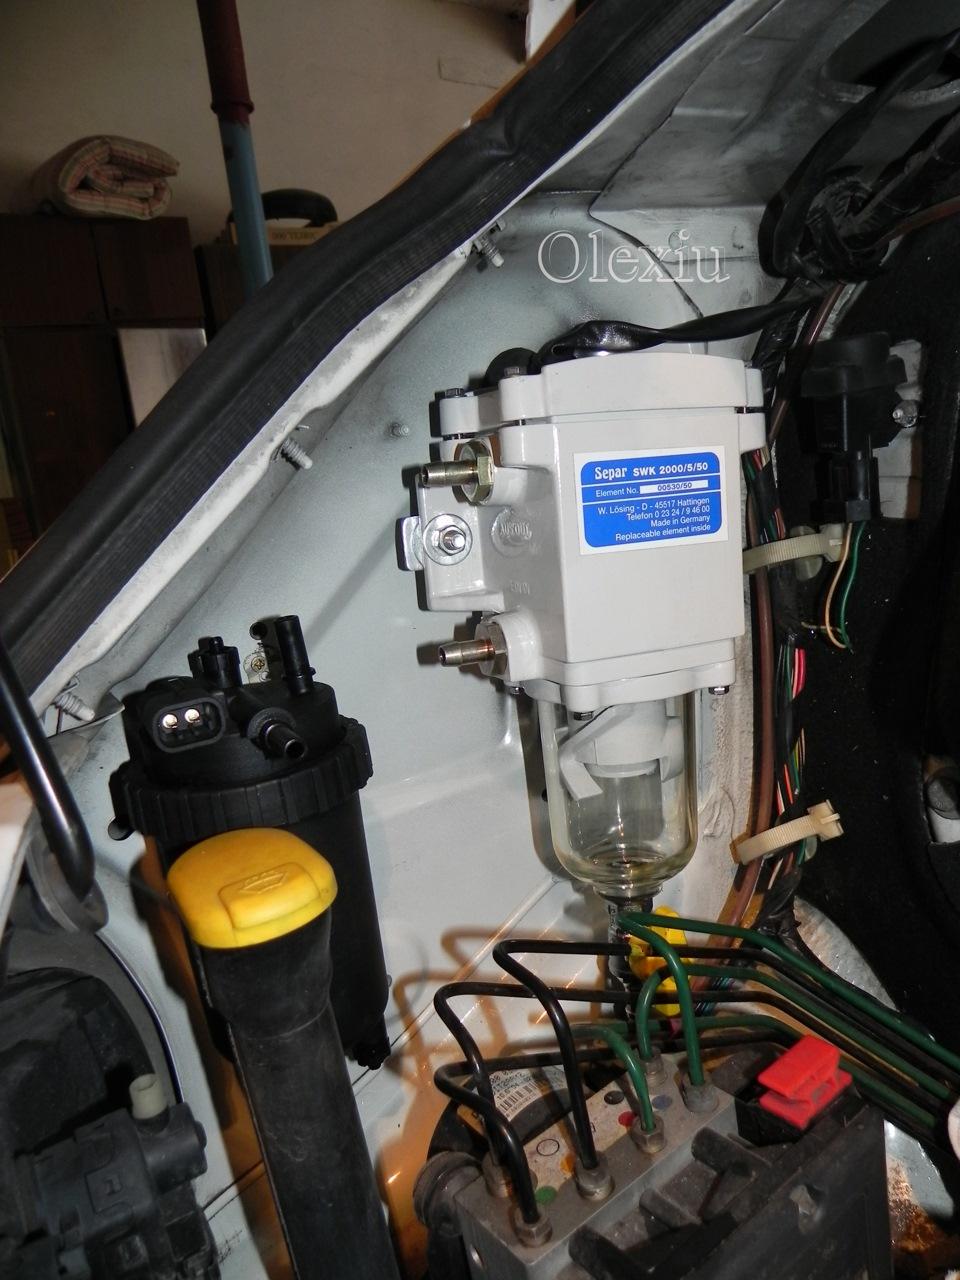 электрическая схема сепар swk-2000/10 подсоеденения